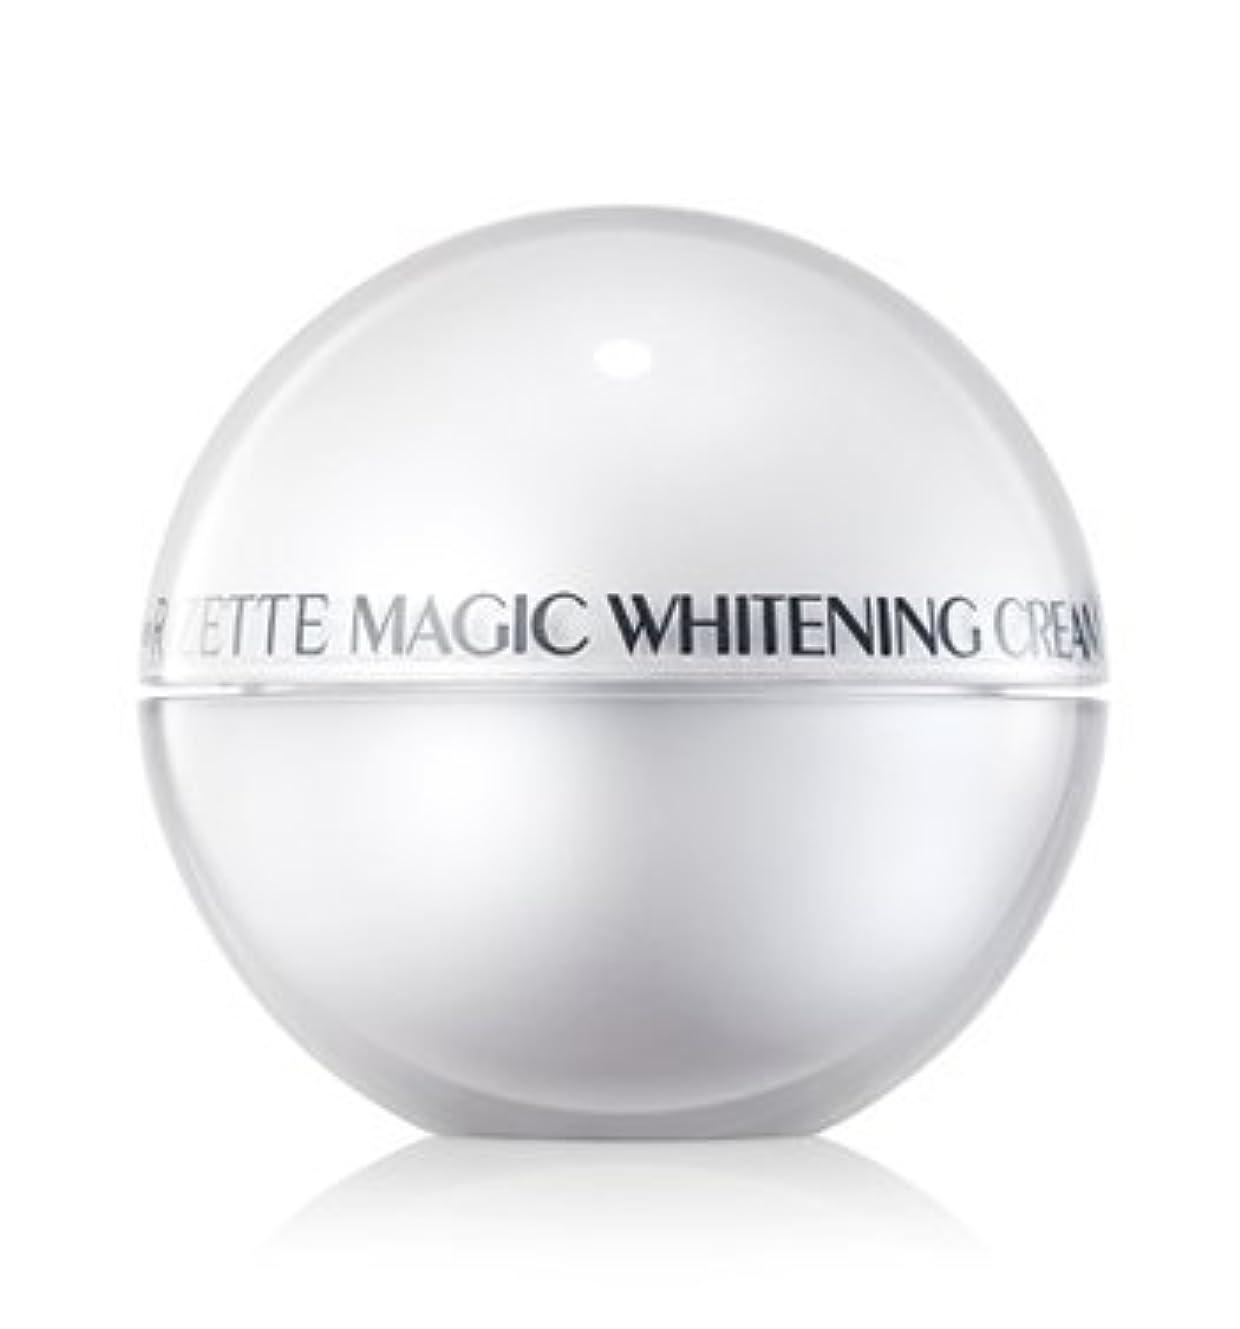 ハグ俳句追い越すリオエリ(Lioele) Rizette マジック ホワイトニング クリーム プラス/ Lioele Rizette Magic Whitening Cream Plus[並行輸入品]